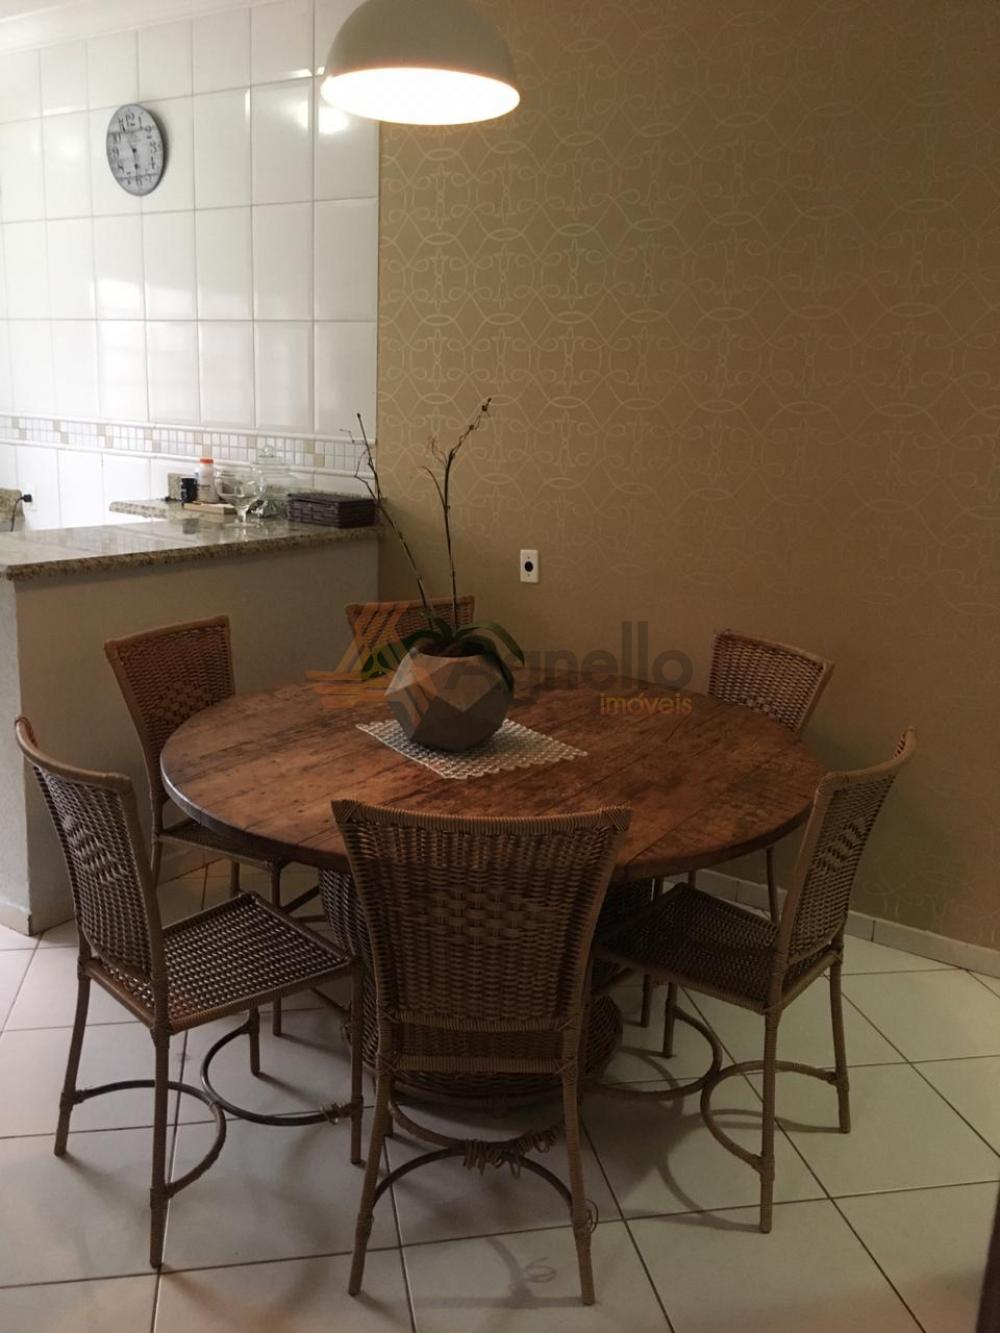 Comprar Casa / Padrão em Franca apenas R$ 300.000,00 - Foto 7